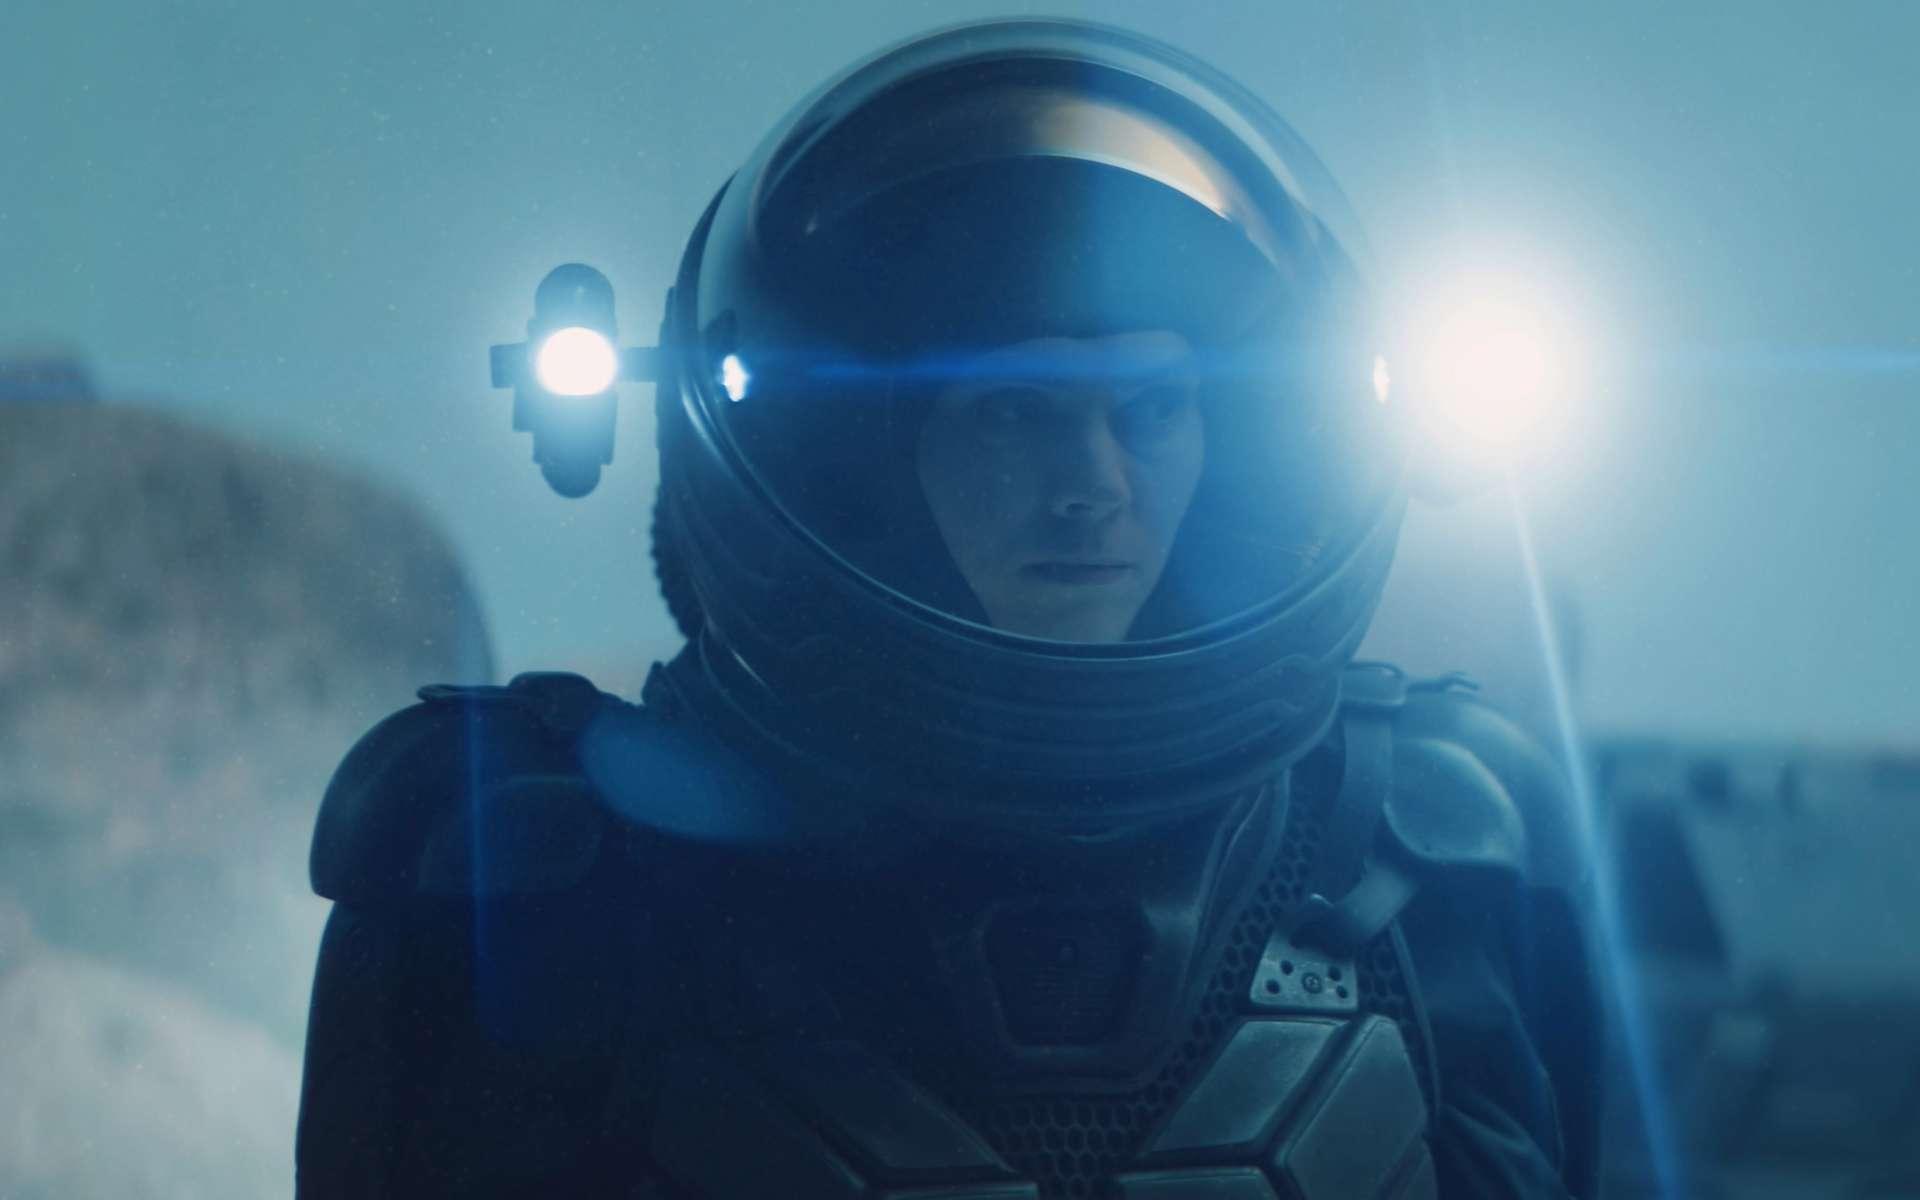 Parmi les 18 astronautes qui viennent d'intégrer le programme Artemis, neuf sont des femmes. L'une d'elles sera bientôt la première femme à poser le pied sur la Lune. © daniilvolkov, Adobe Stock